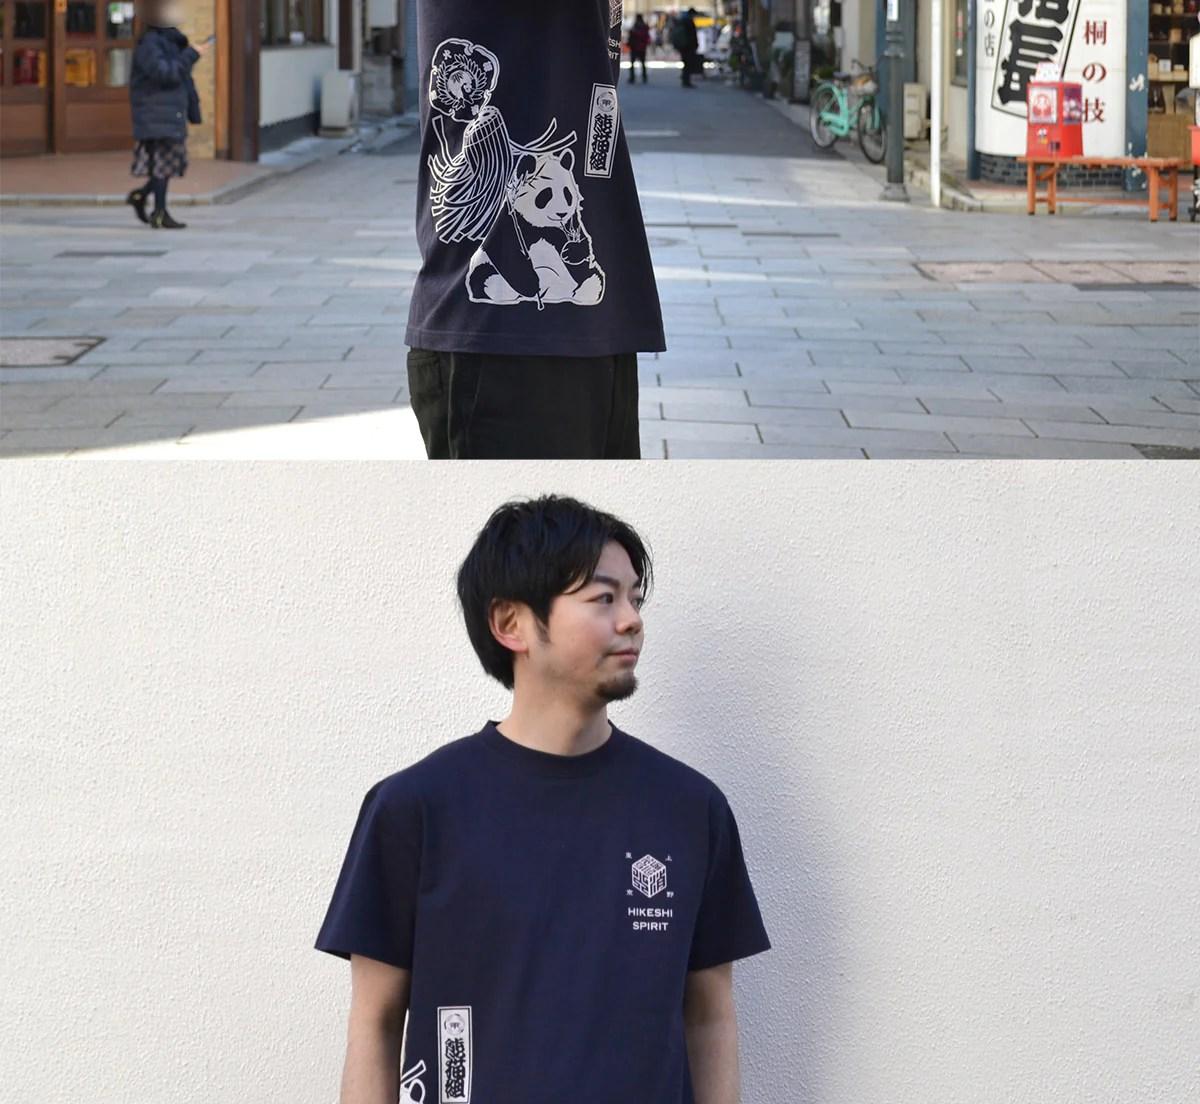 東京大江戶熊貓市場的合并排放的T恤 – 火消魂エドトウキョウ店(HiKESHi SPiRiT Edo Tokyo)